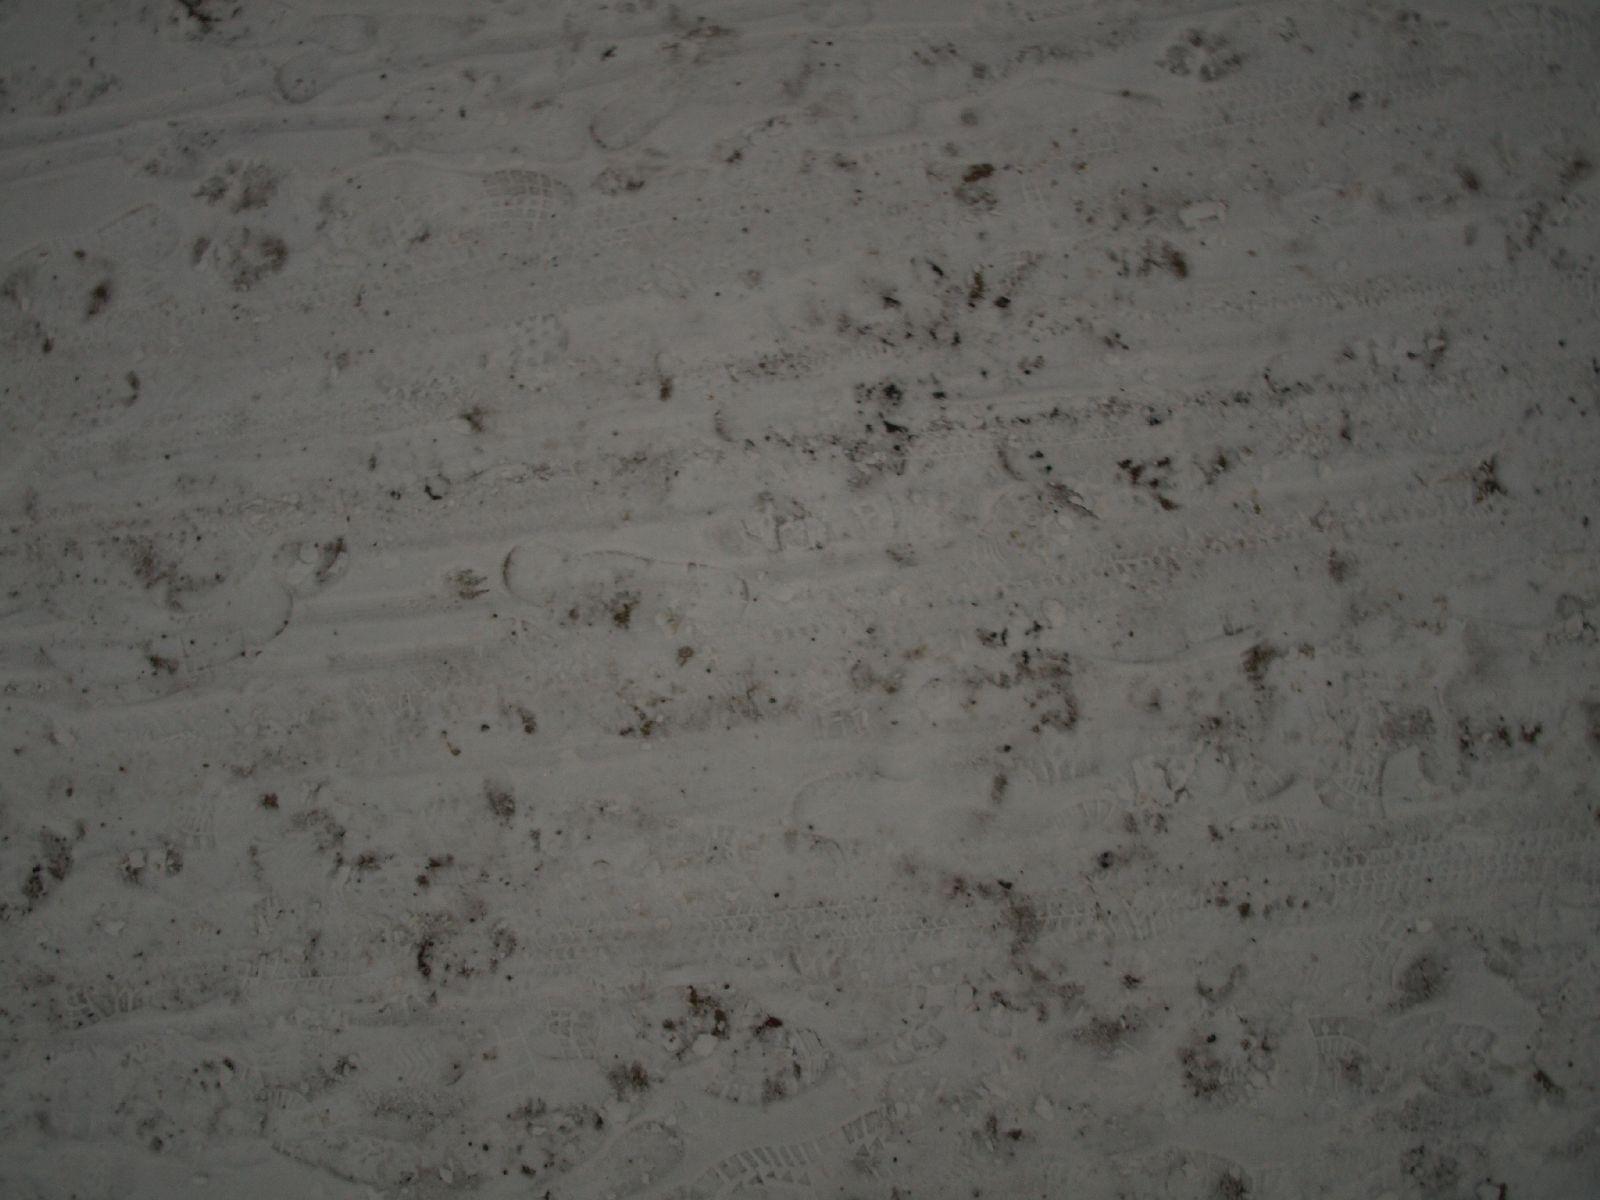 Schnee-Eis_Textur_A_P1028738